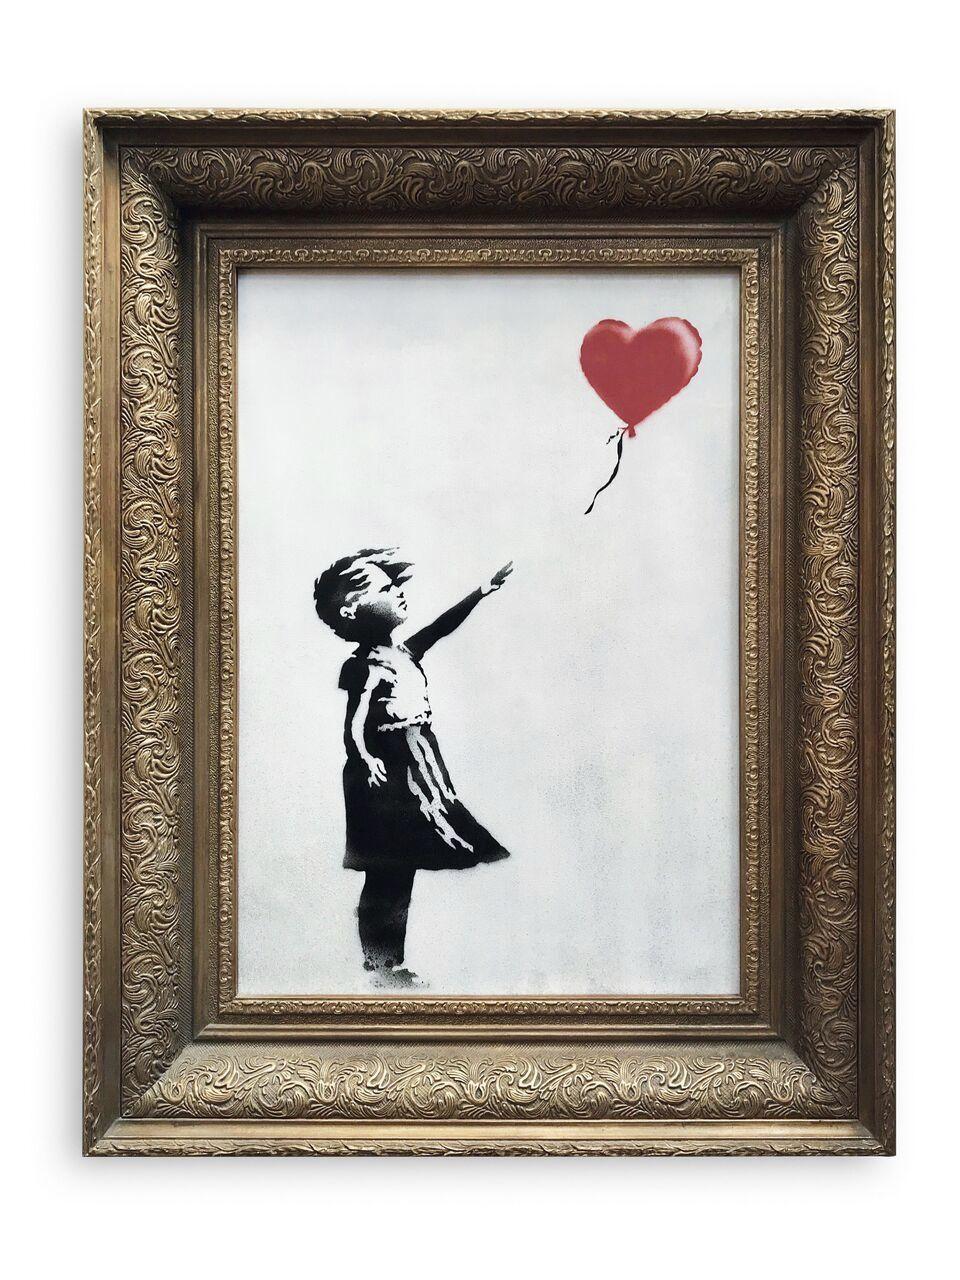 Britain_Banksy_93155-159532.jpg12117241